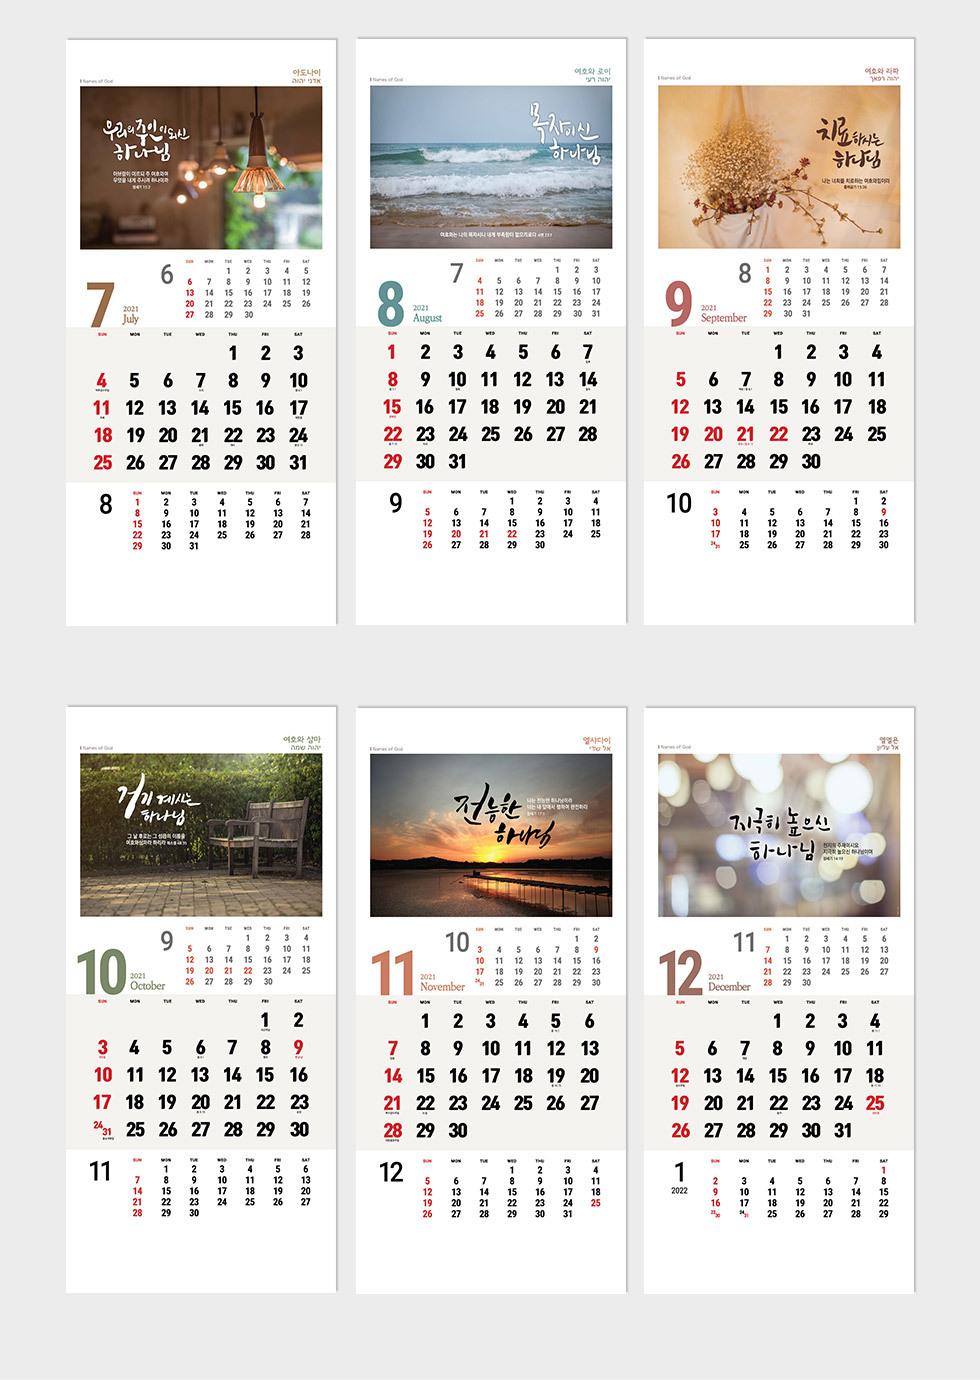 2021년 벽걸이달력 하나님의 이름 Names of God - 3단구성 전체디자인 7월부터 12월까지